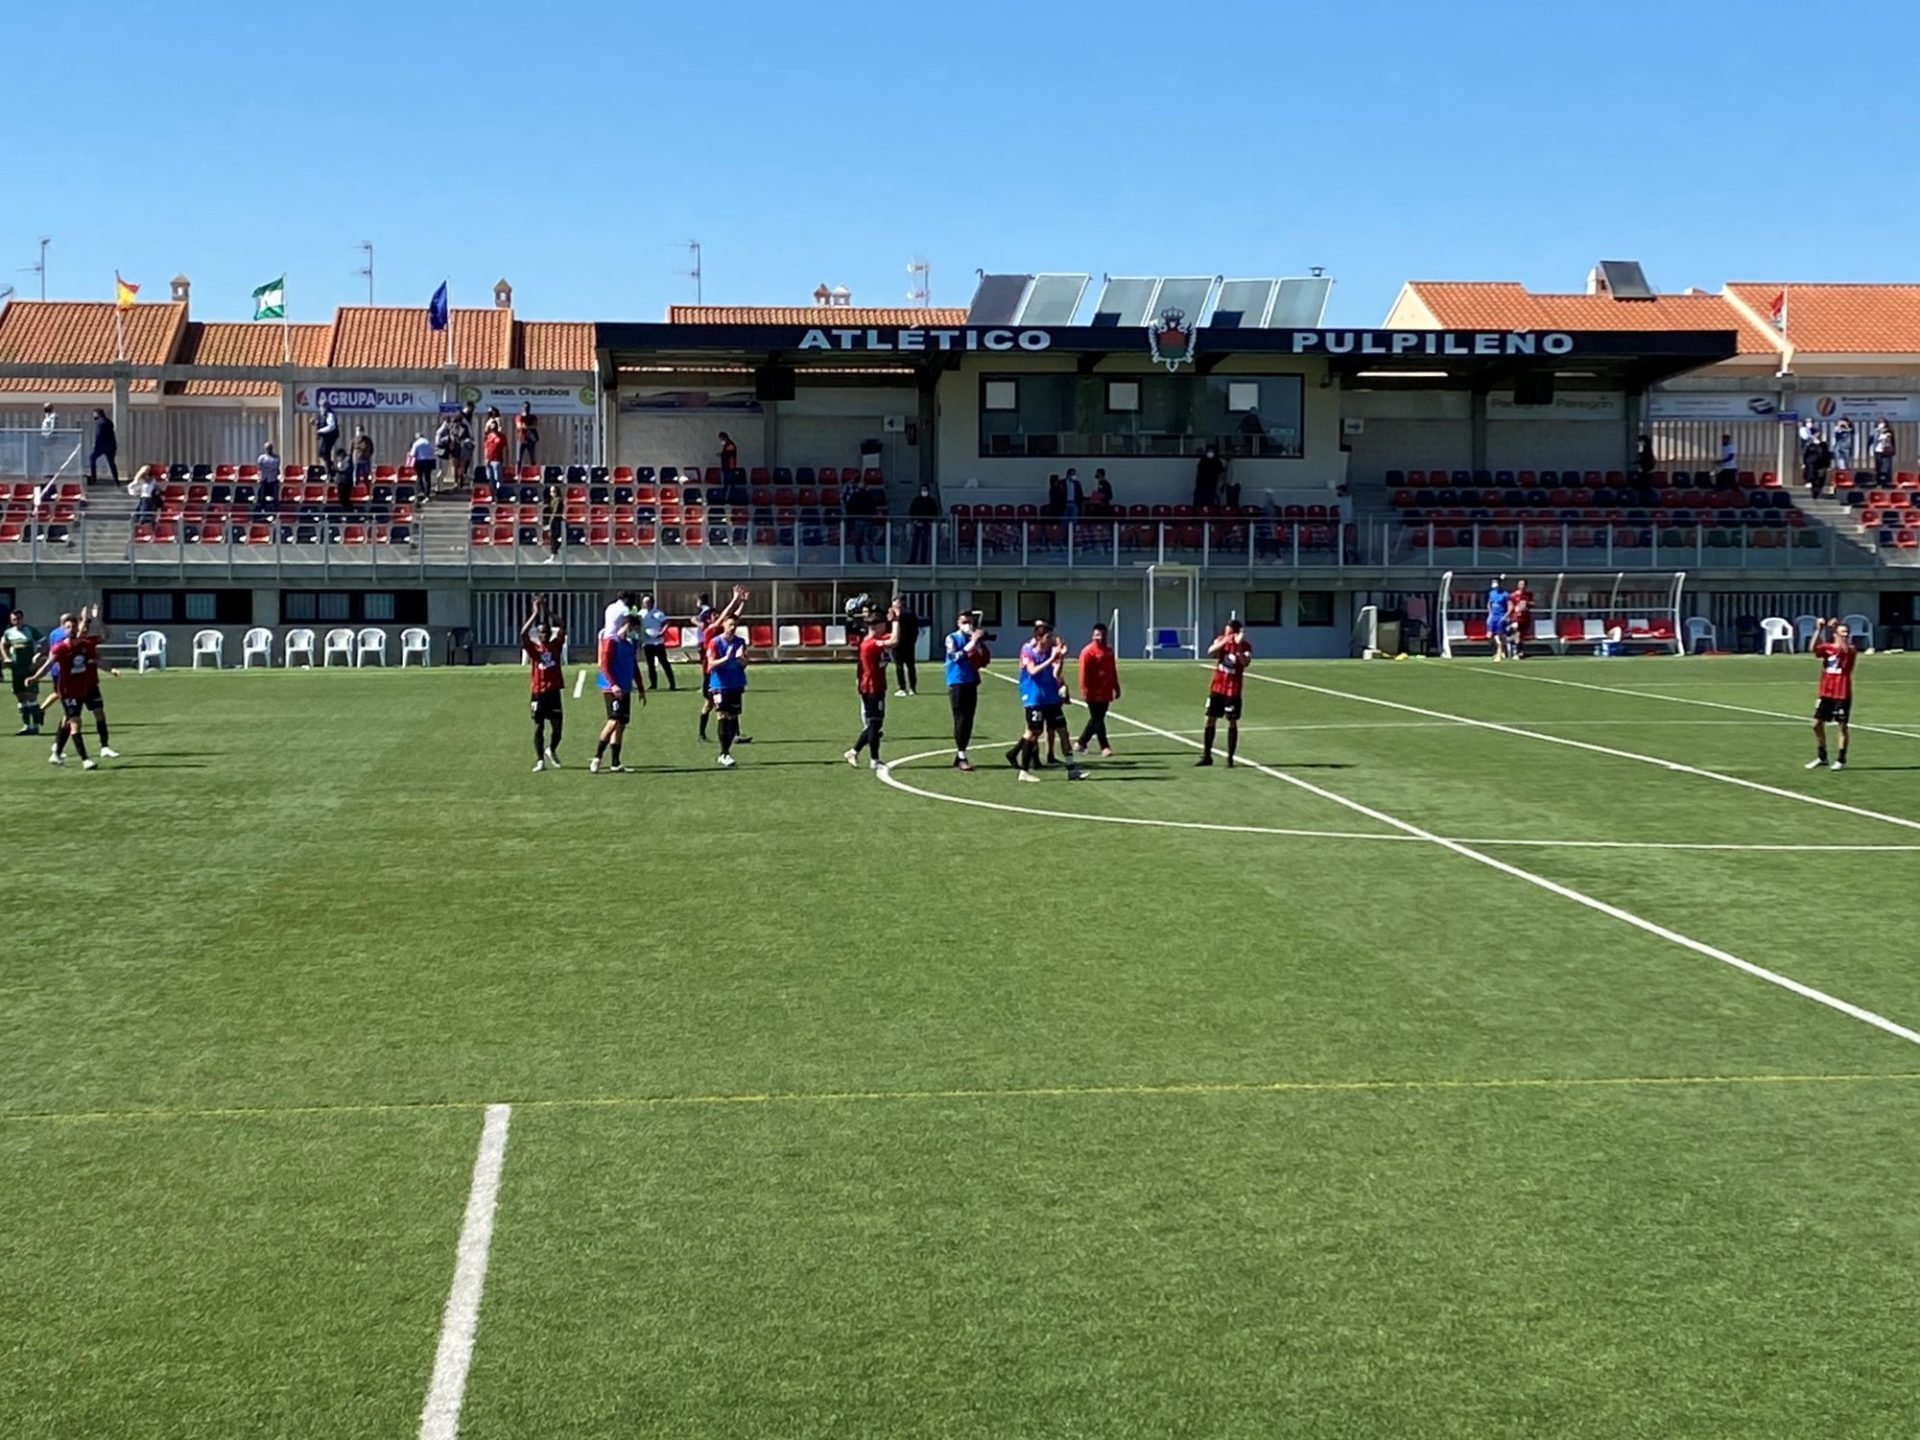 Atlético Pulpileño vs UD Los Garres 1